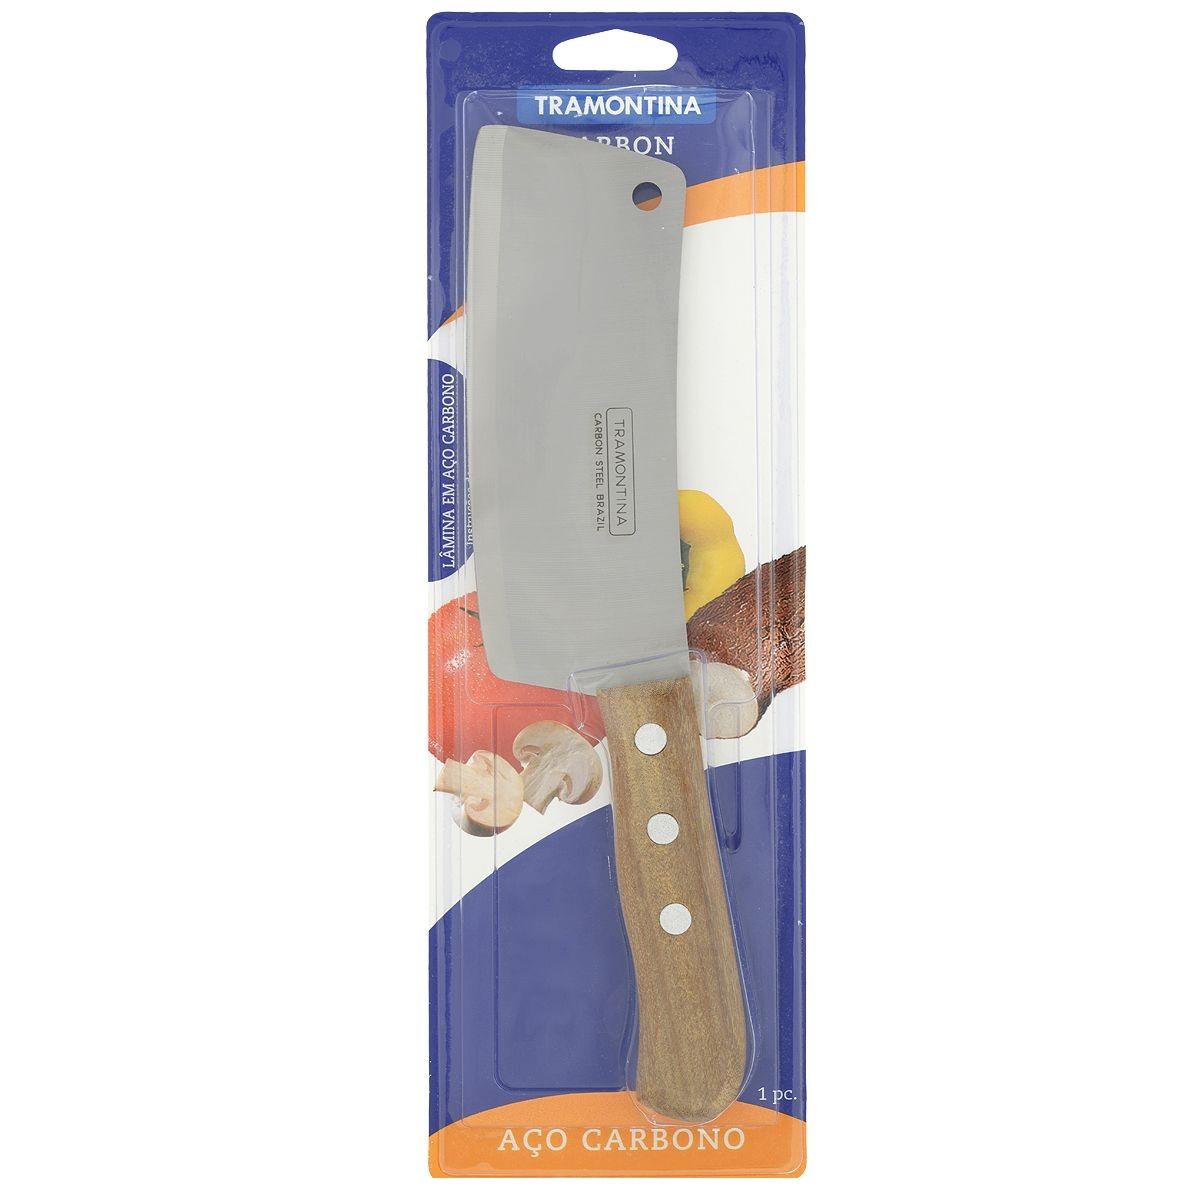 Топорик для мяса TramontinaНожи, мусаты, ножеточки<br>Тип: топорик,<br>Назначение: для мяса,<br>Материал: нержавеющая сталь,<br>Длина (мм): 153<br>